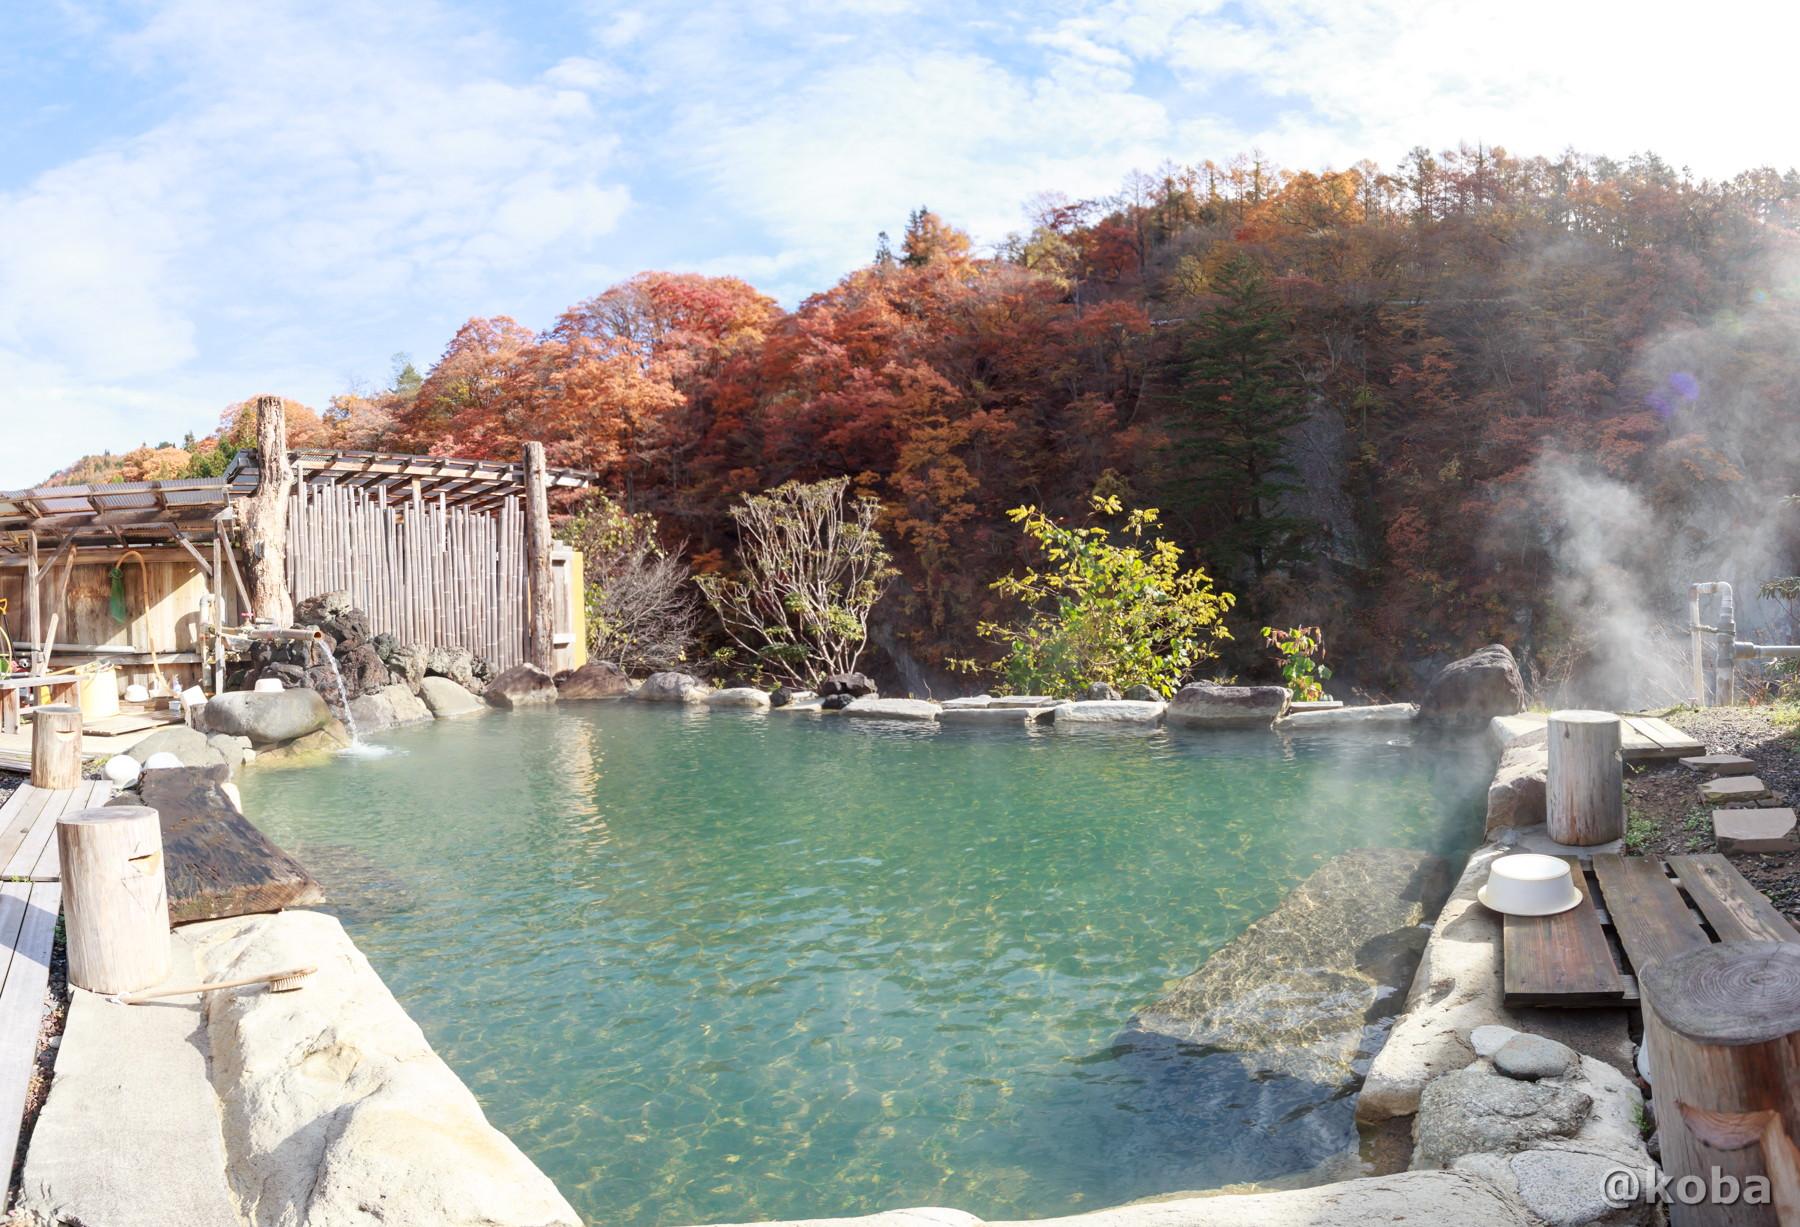 青空と広い露天風呂(男湯)、綺麗な紅葉の写真│京塚温泉・しゃくなげの湯 日帰り入浴│群馬県 ブログ